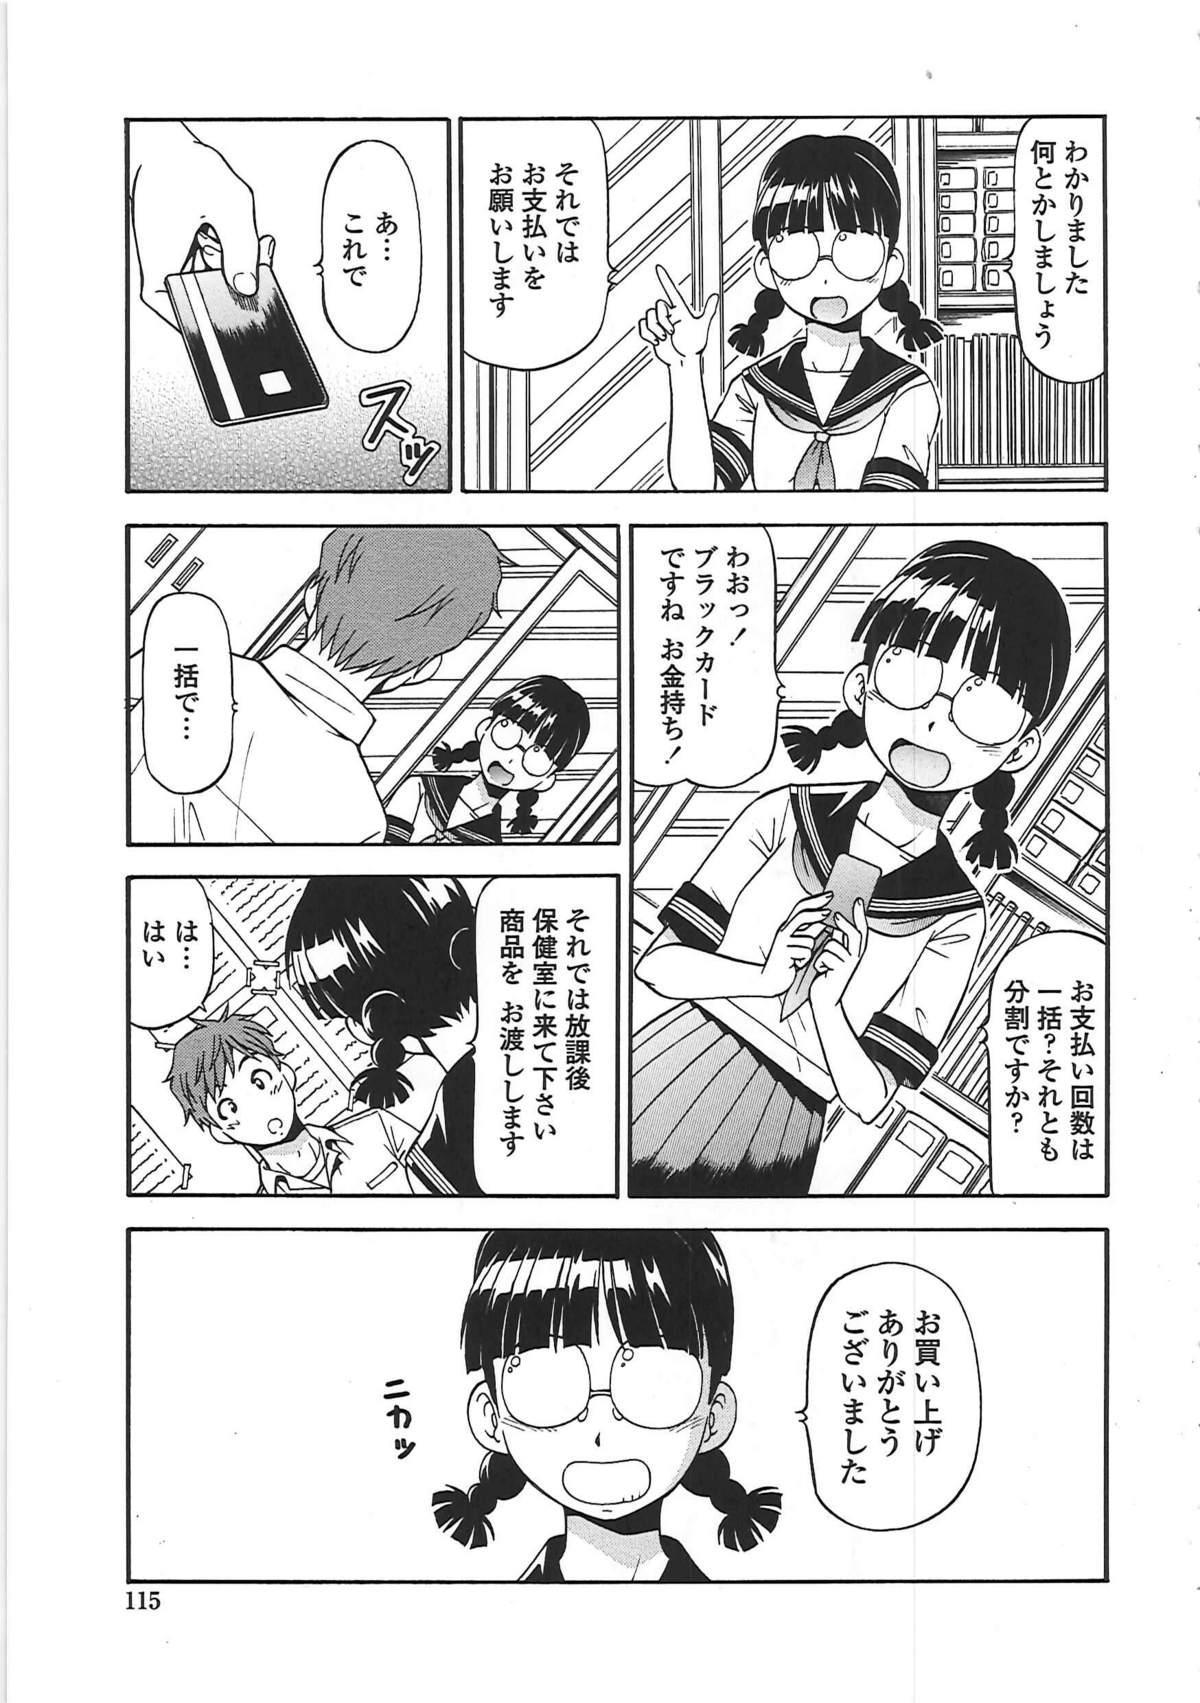 Hentai Iinchou 119